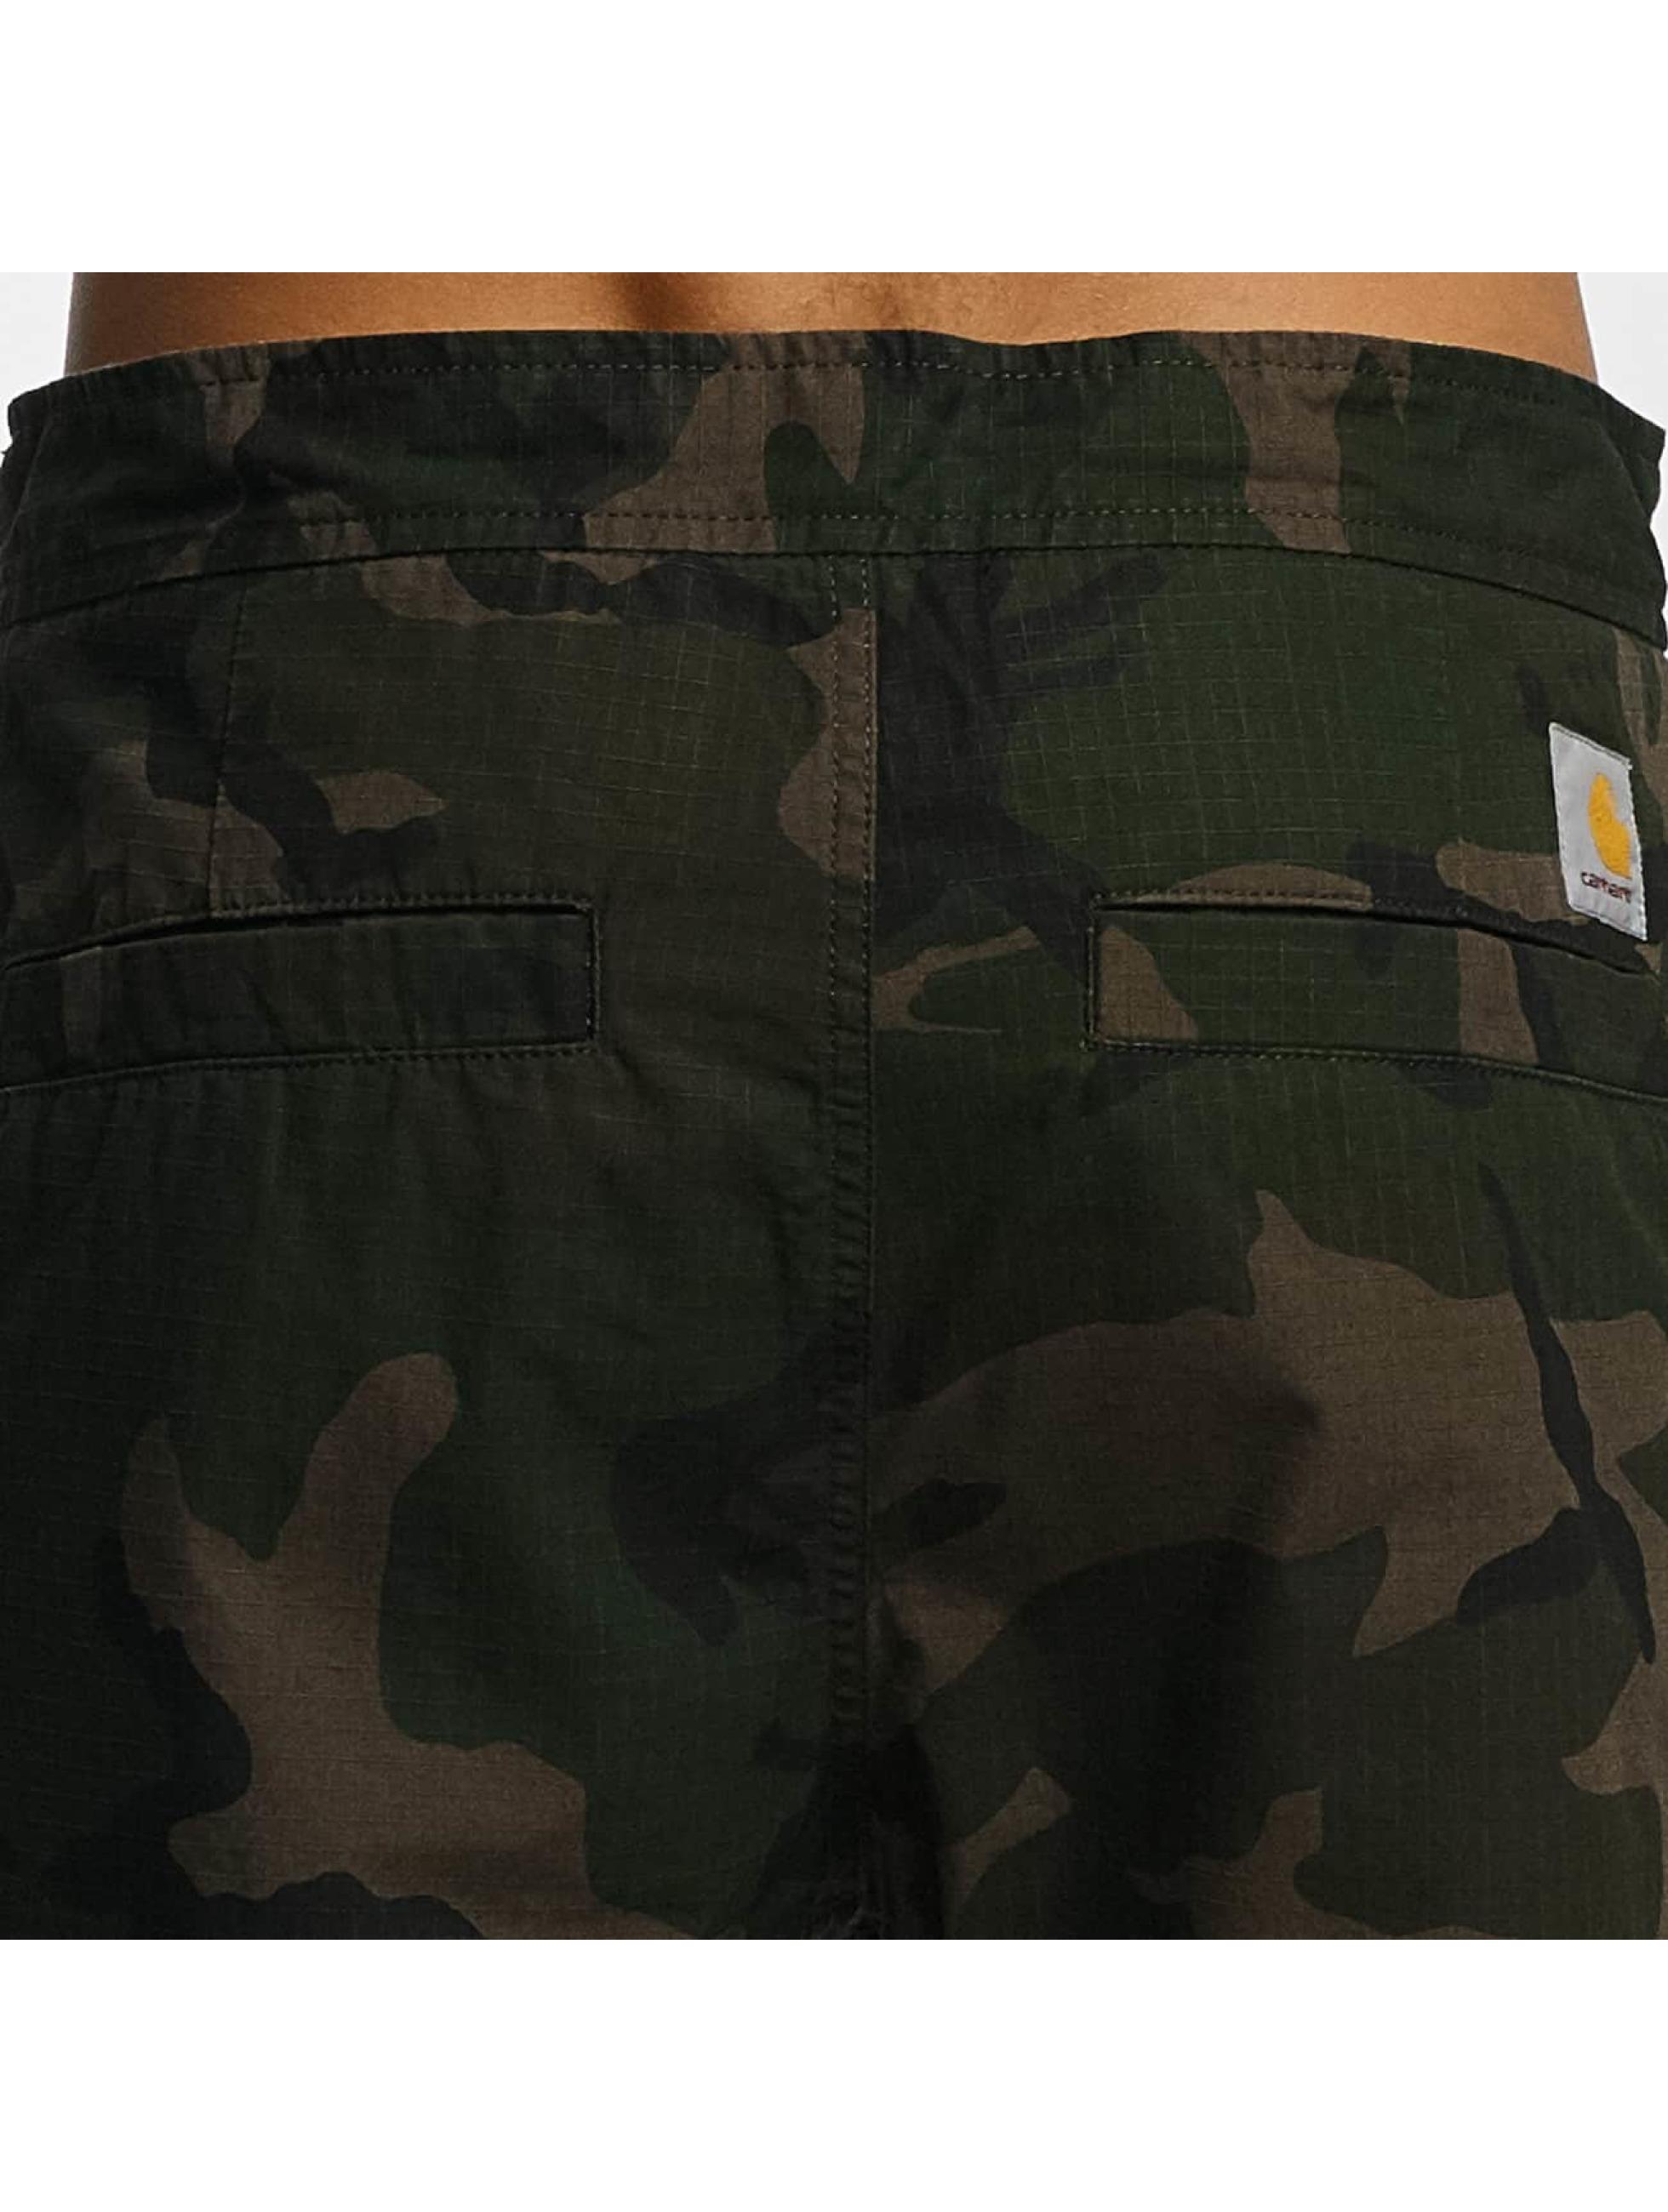 Carhartt WIP Chino Columbia camouflage